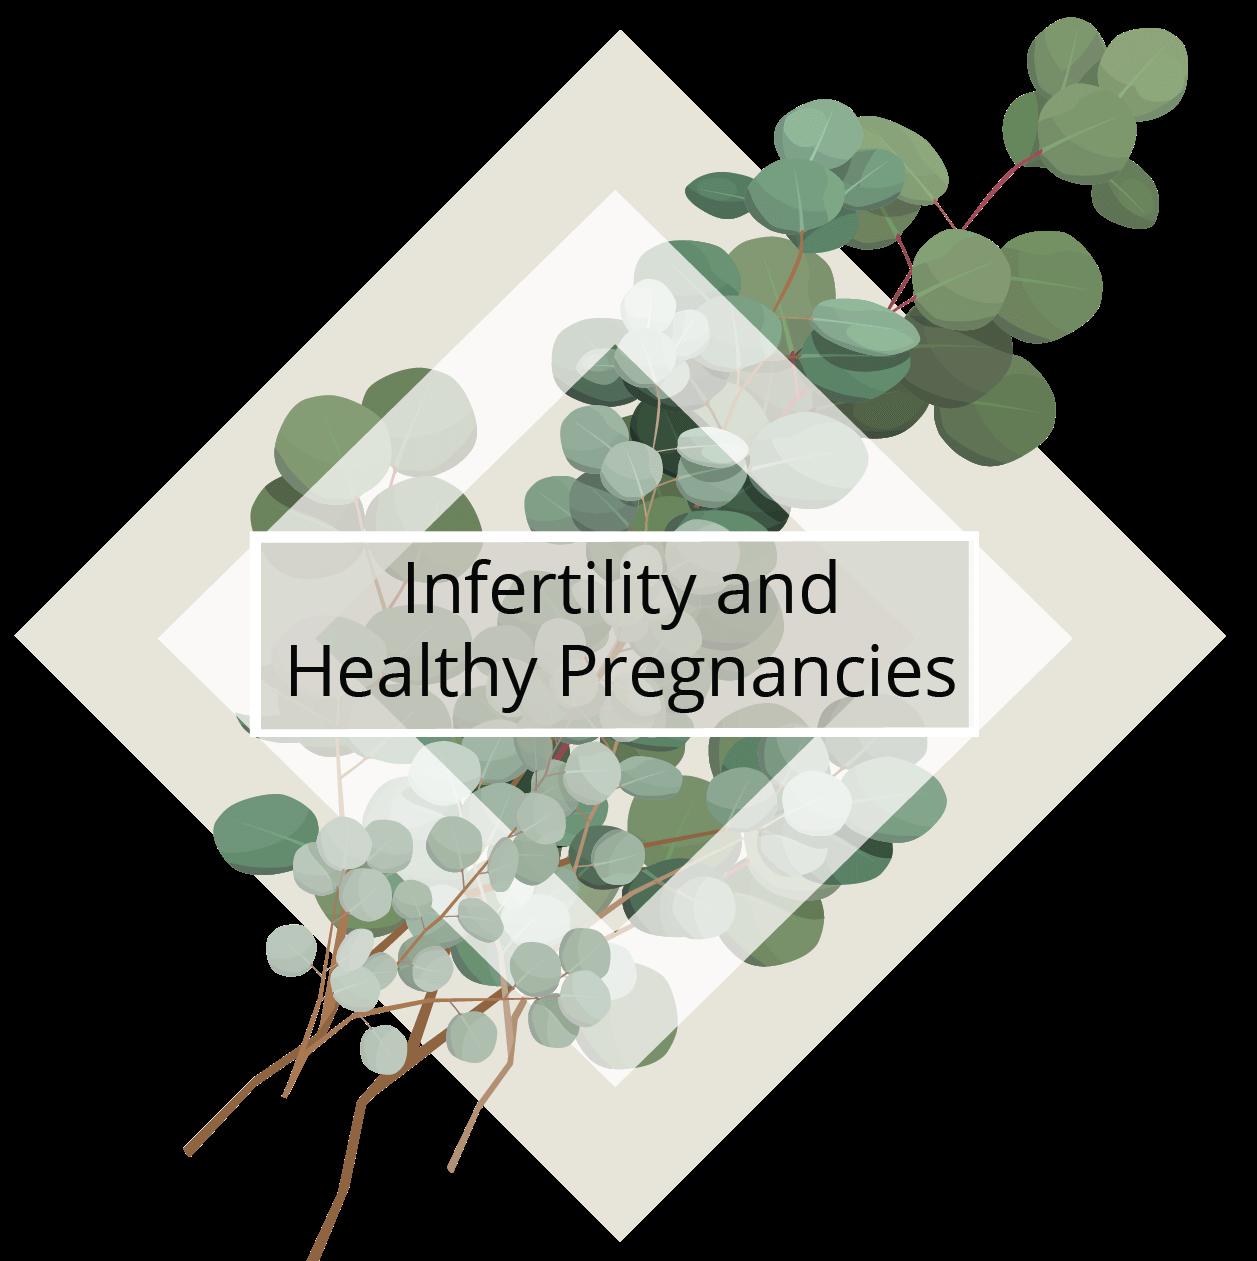 Infertility & Healthy Pregnancies - Nature Medica